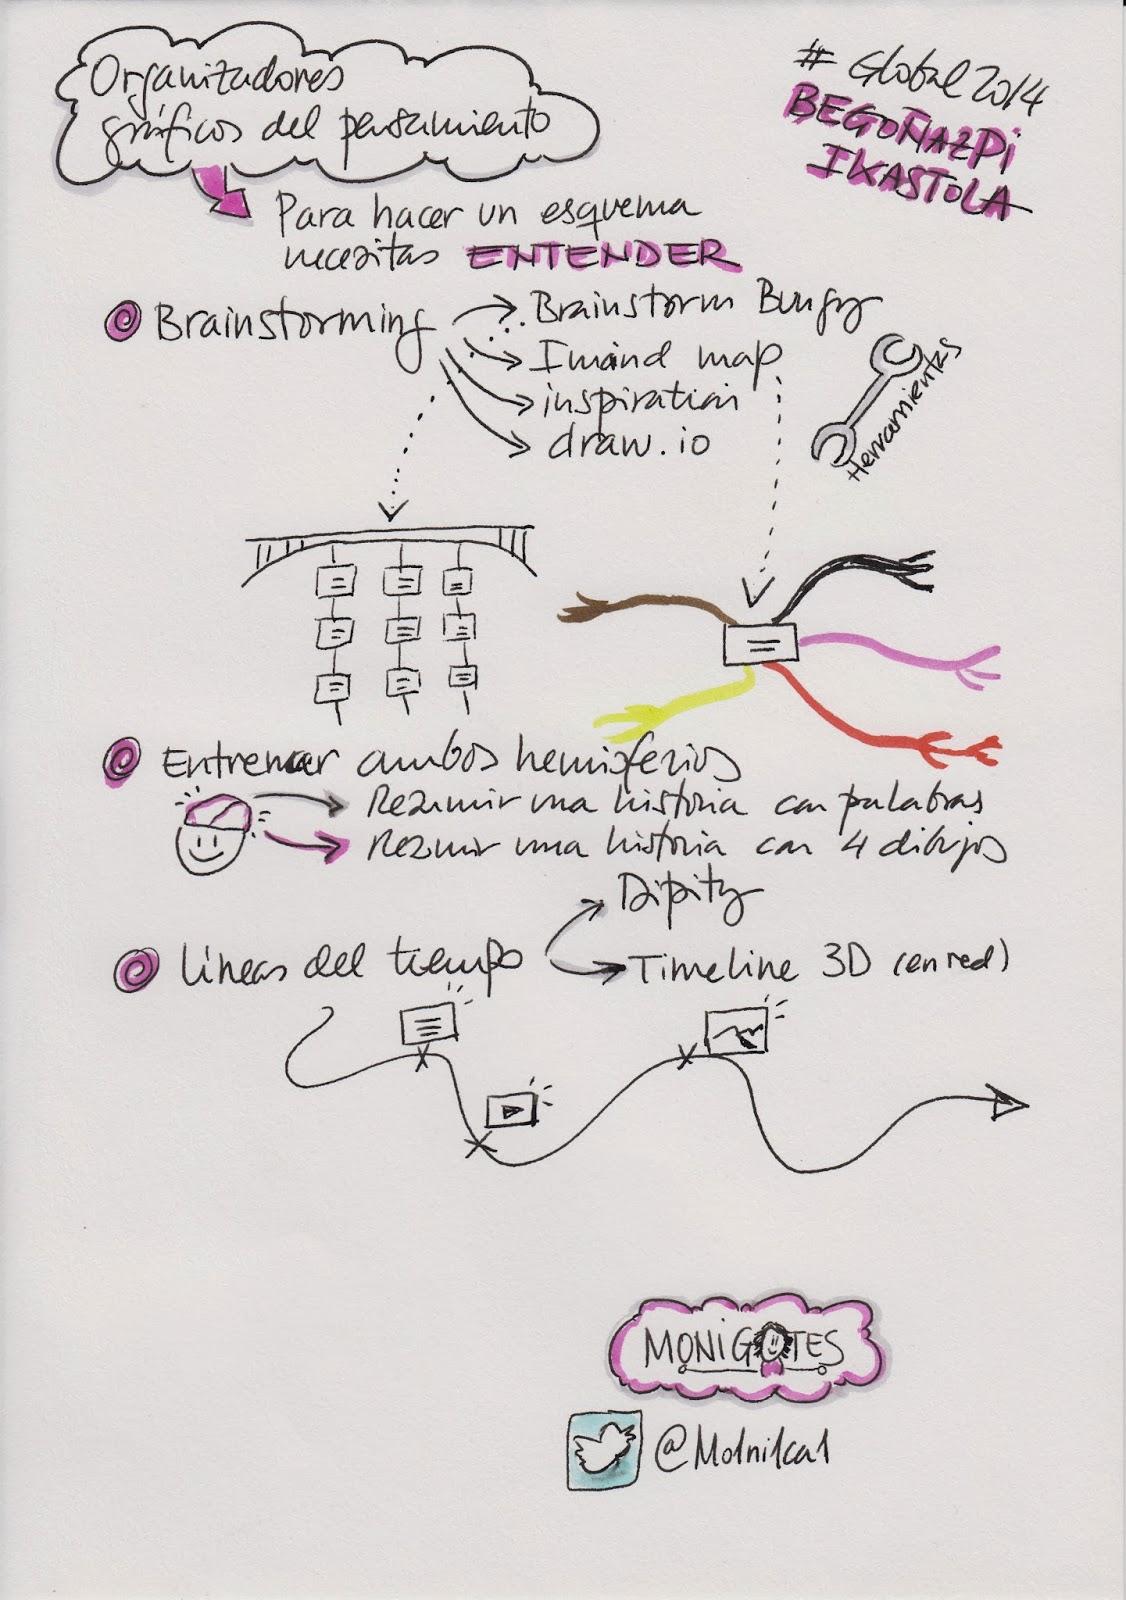 Global Innovation Day 2014 Begoñazpi 2 sketchnote